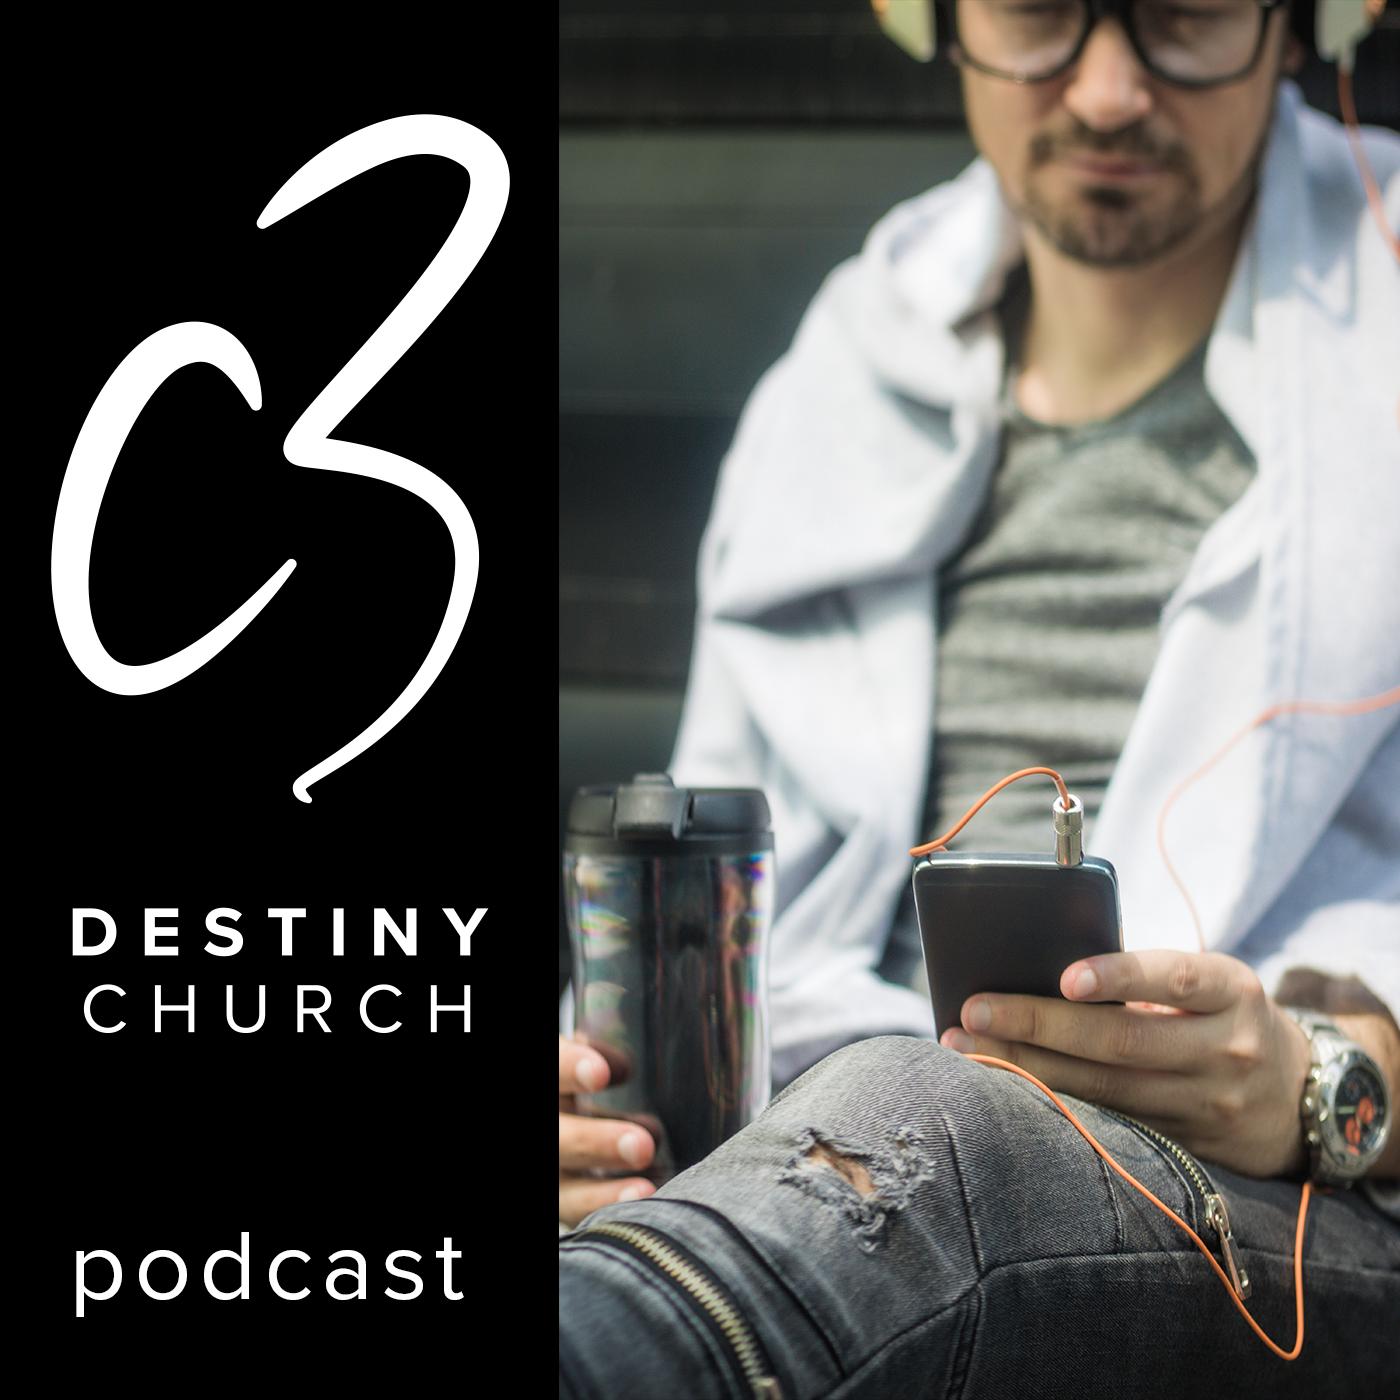 C3 Destiny Church